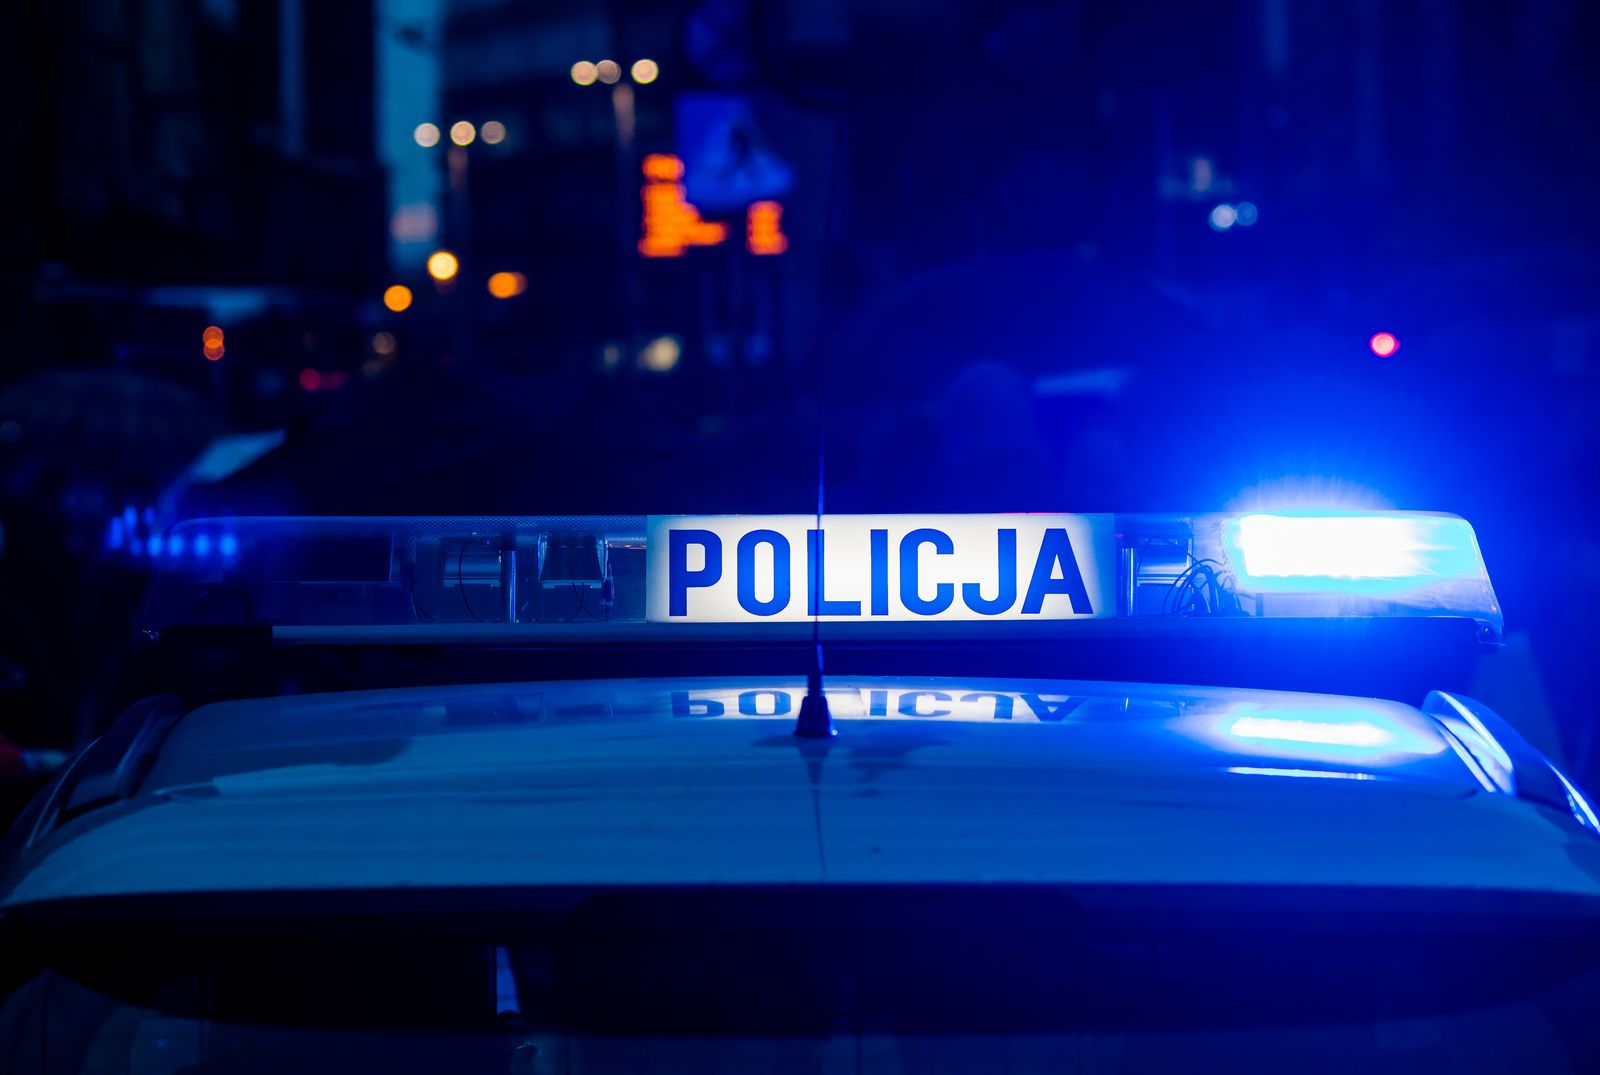 Morderstwo w Pleszewie. Trwa obława policji - Zdjęcie główne